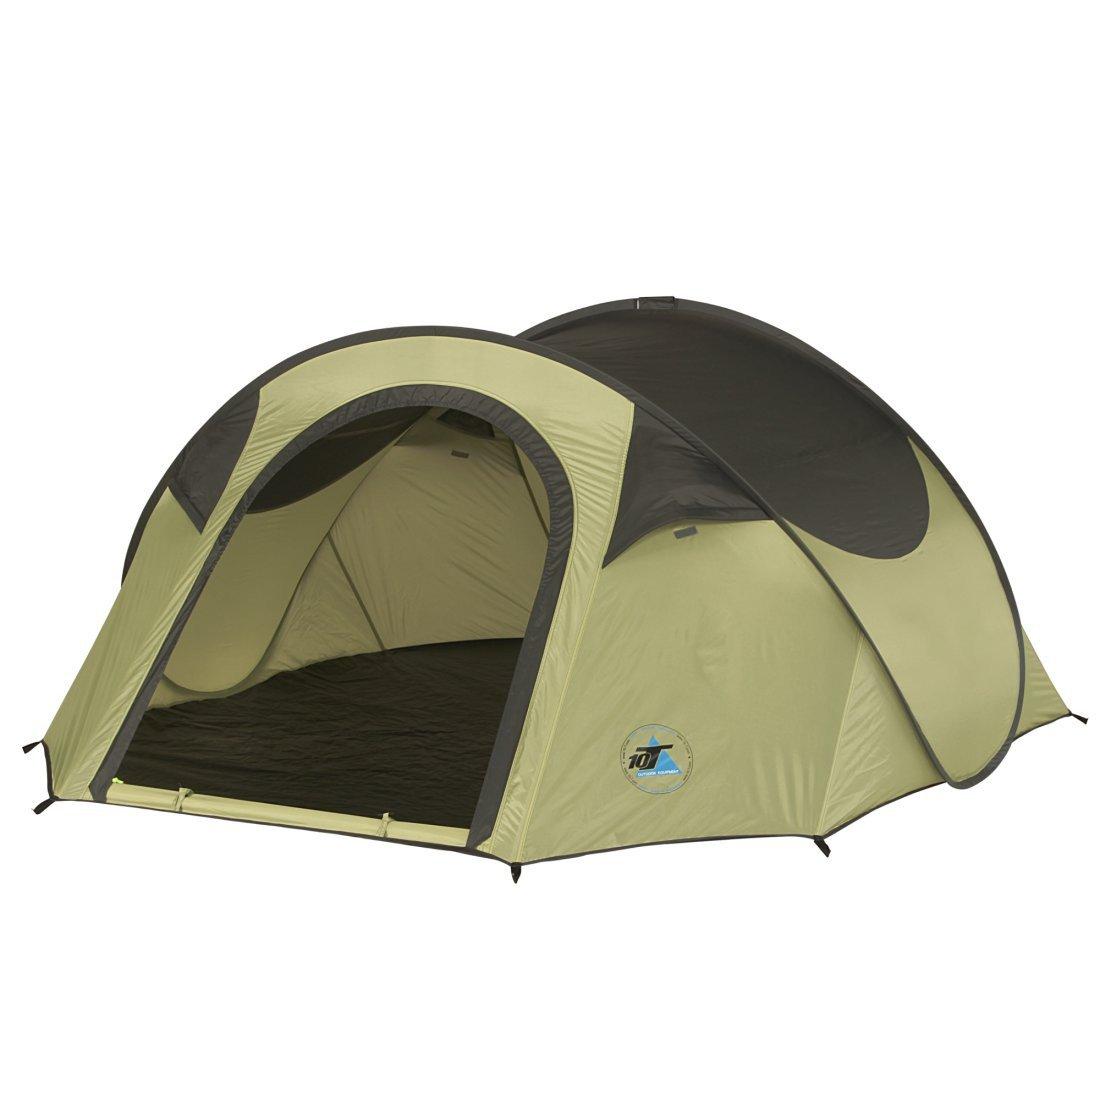 10T Camping-Zelt Taree 3 Pop-Up Wurfzelt mit Schlafbereich für 3 Personen Automatik-Zelt mit eingenähter Bodenwanne, Dauerbelüftung, wasserdicht mit 2000mm Wassersäule